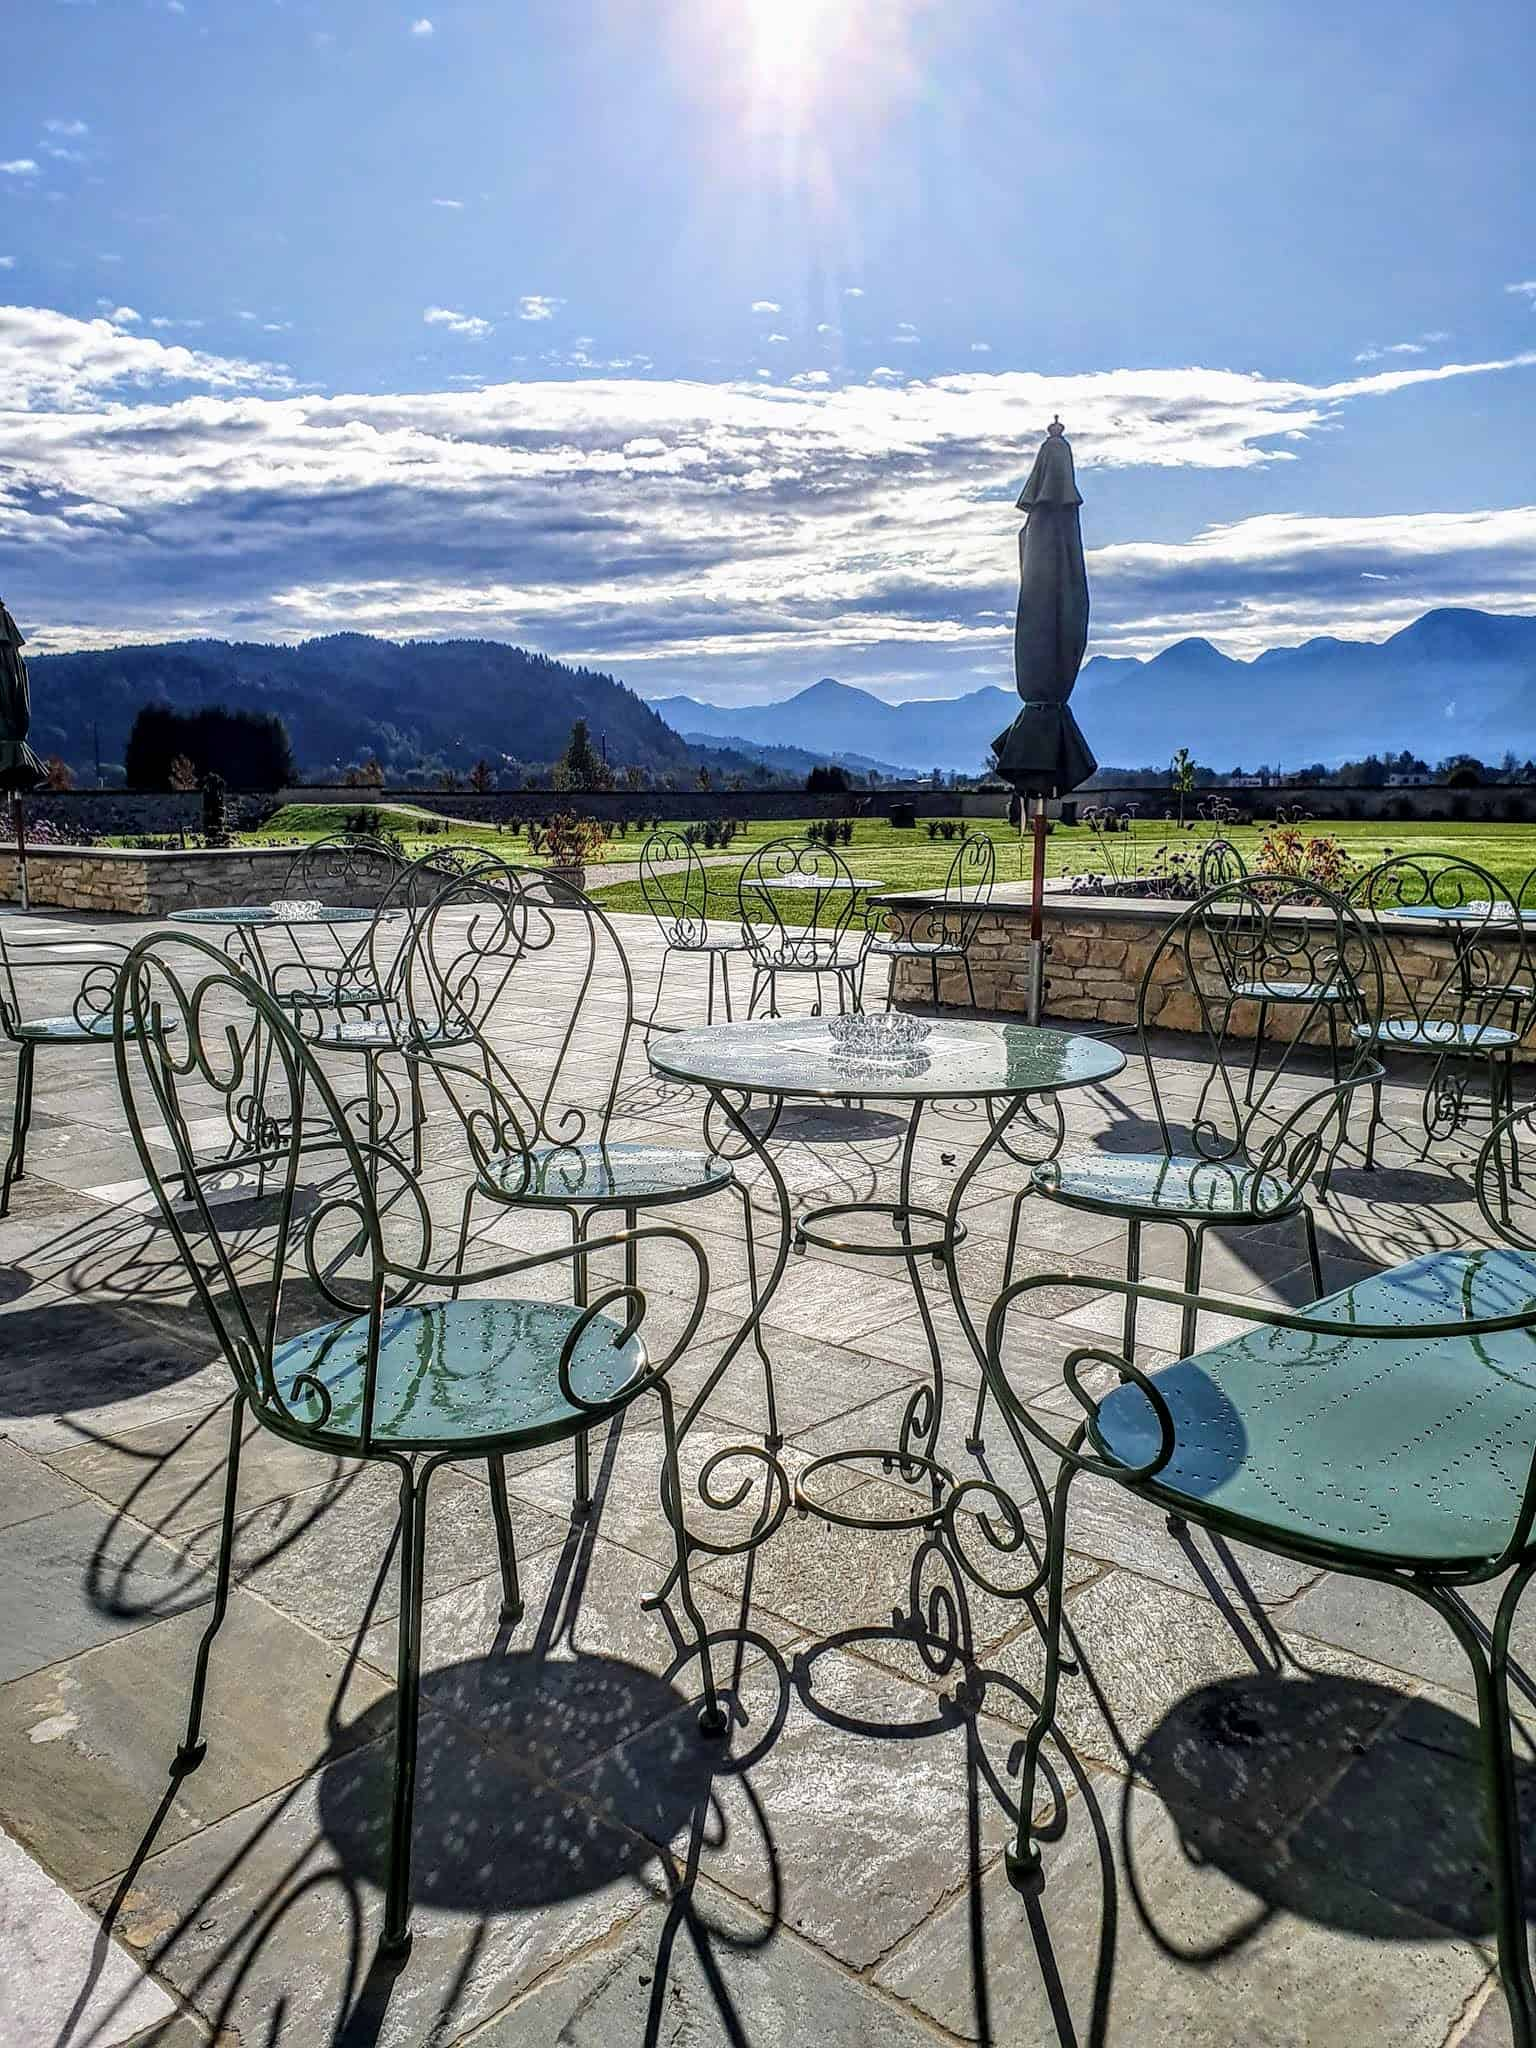 Das Schlosscafe im Schloss Rosegg in Kärnten - Familie Liechtenstein. Geheimtipp für Ausflug und Hochzeit im Schloss in Österreich